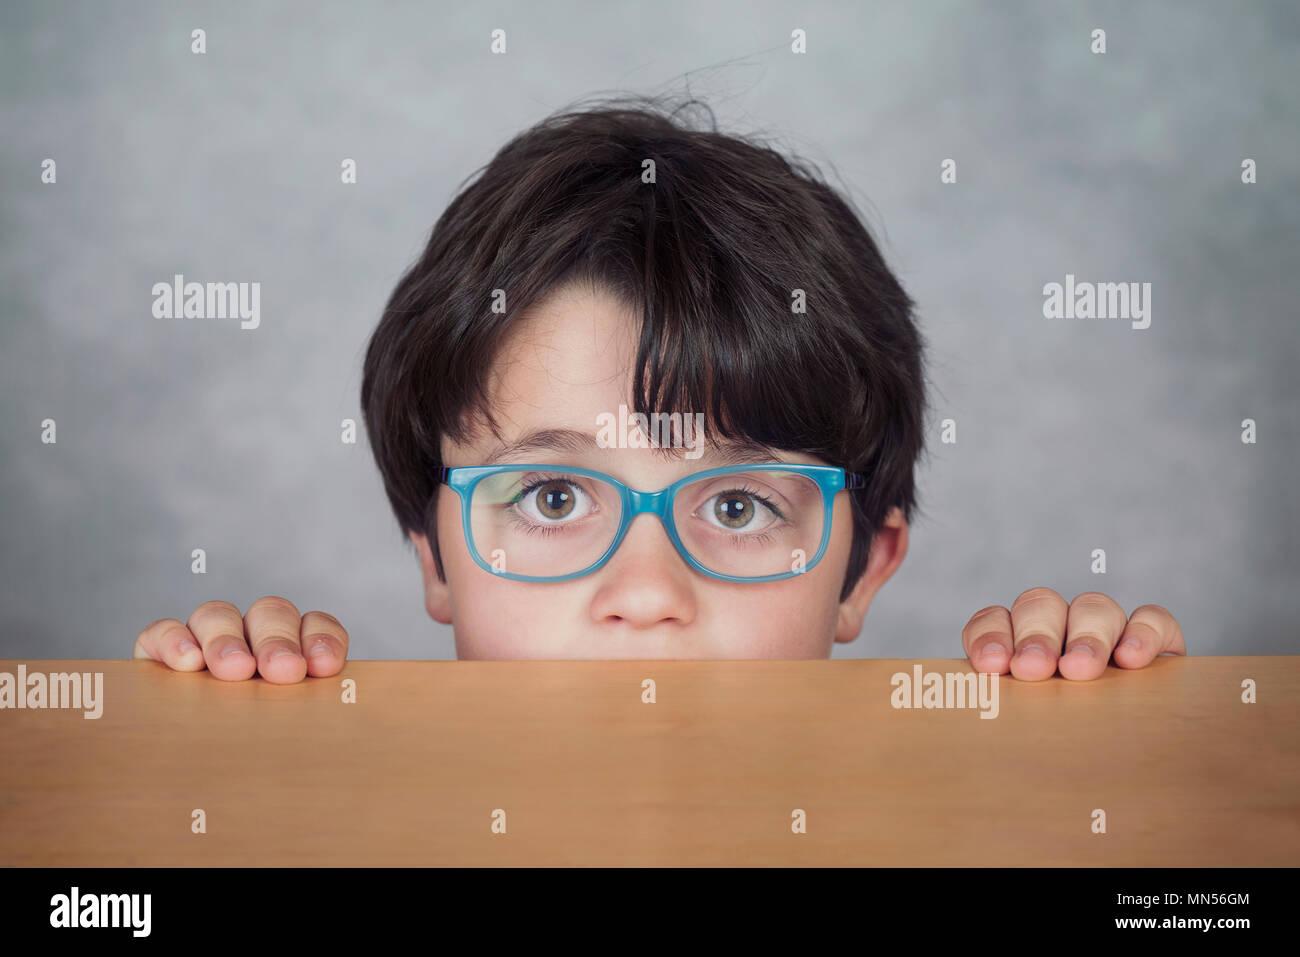 Rapaz com óculos sobre uma mesa de madeira sobre um fundo cinzento Imagens de Stock